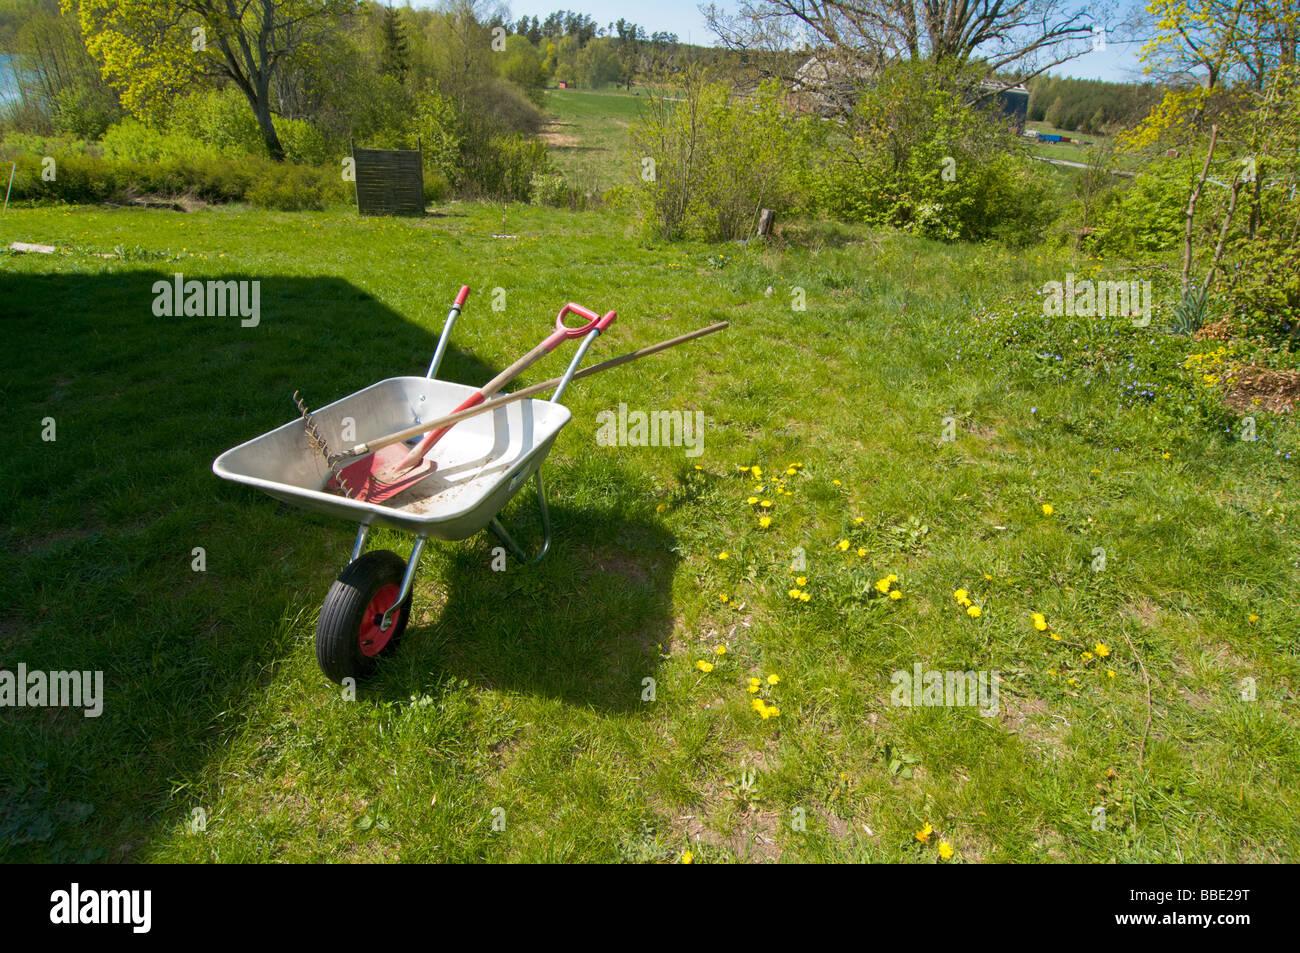 wheelbarrow in the garden - Stock Image